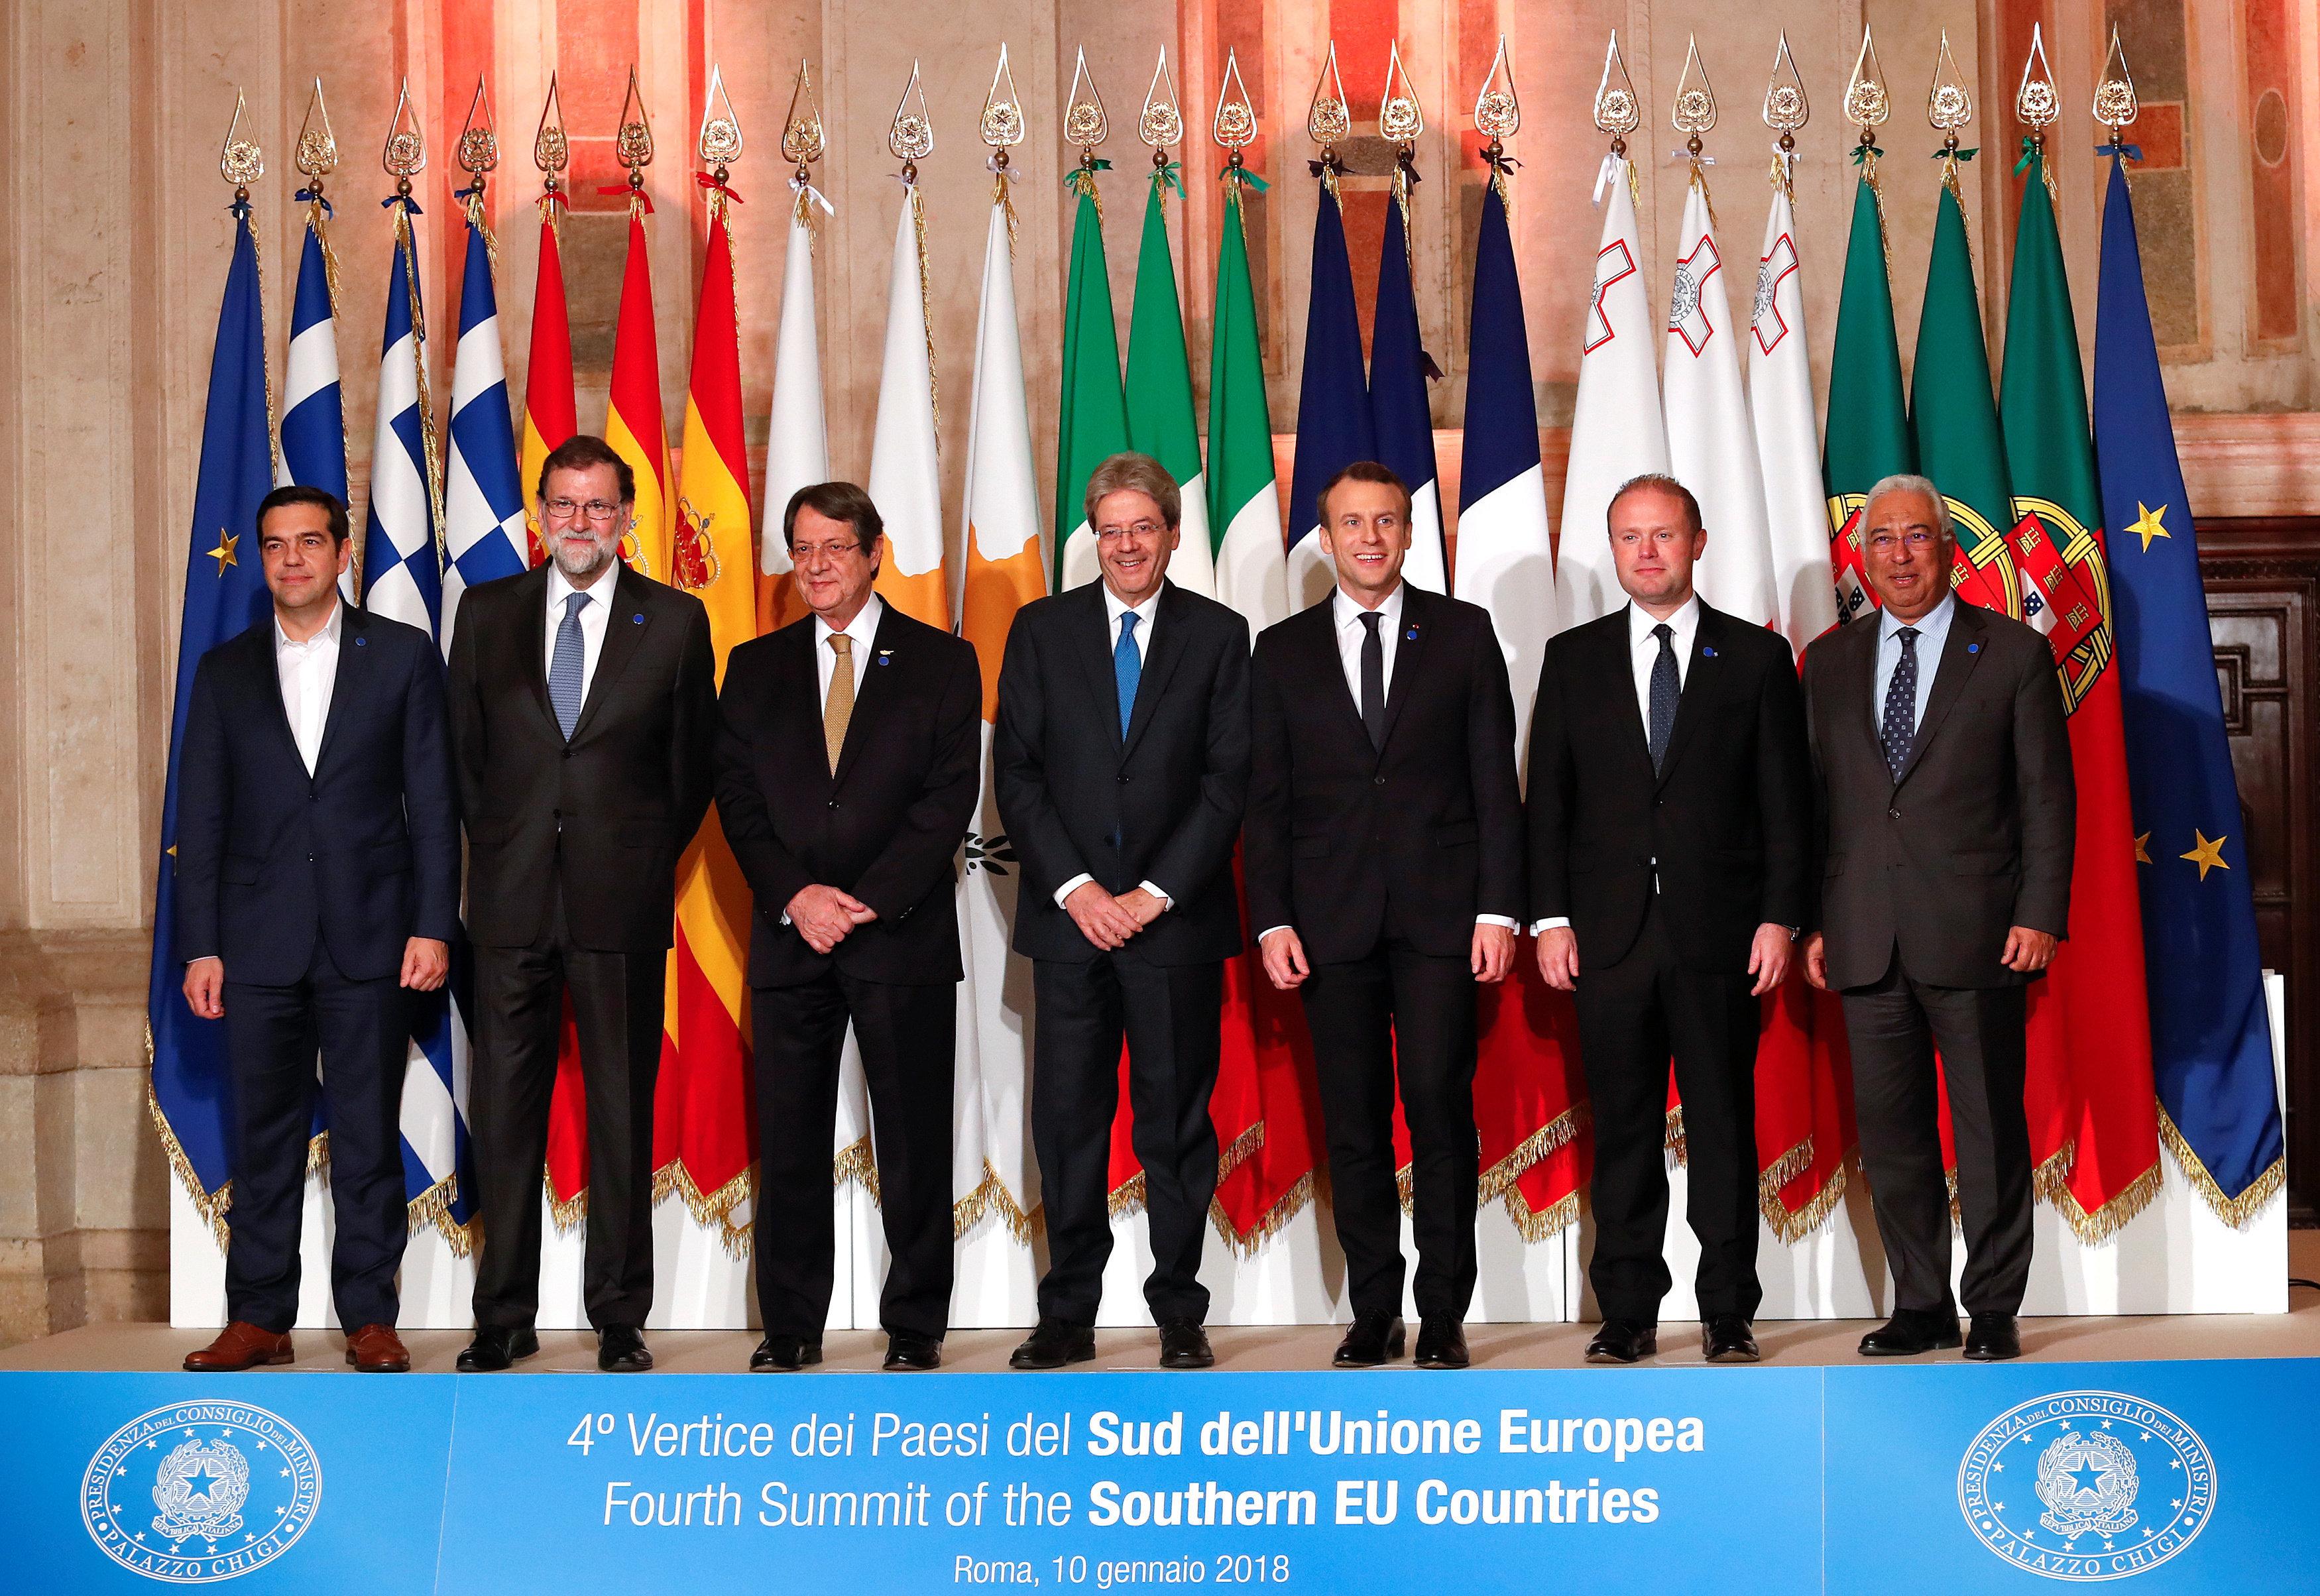 Σύγκλιση σε τρεις άξονες στην 4η Ευρωμεσογειακή